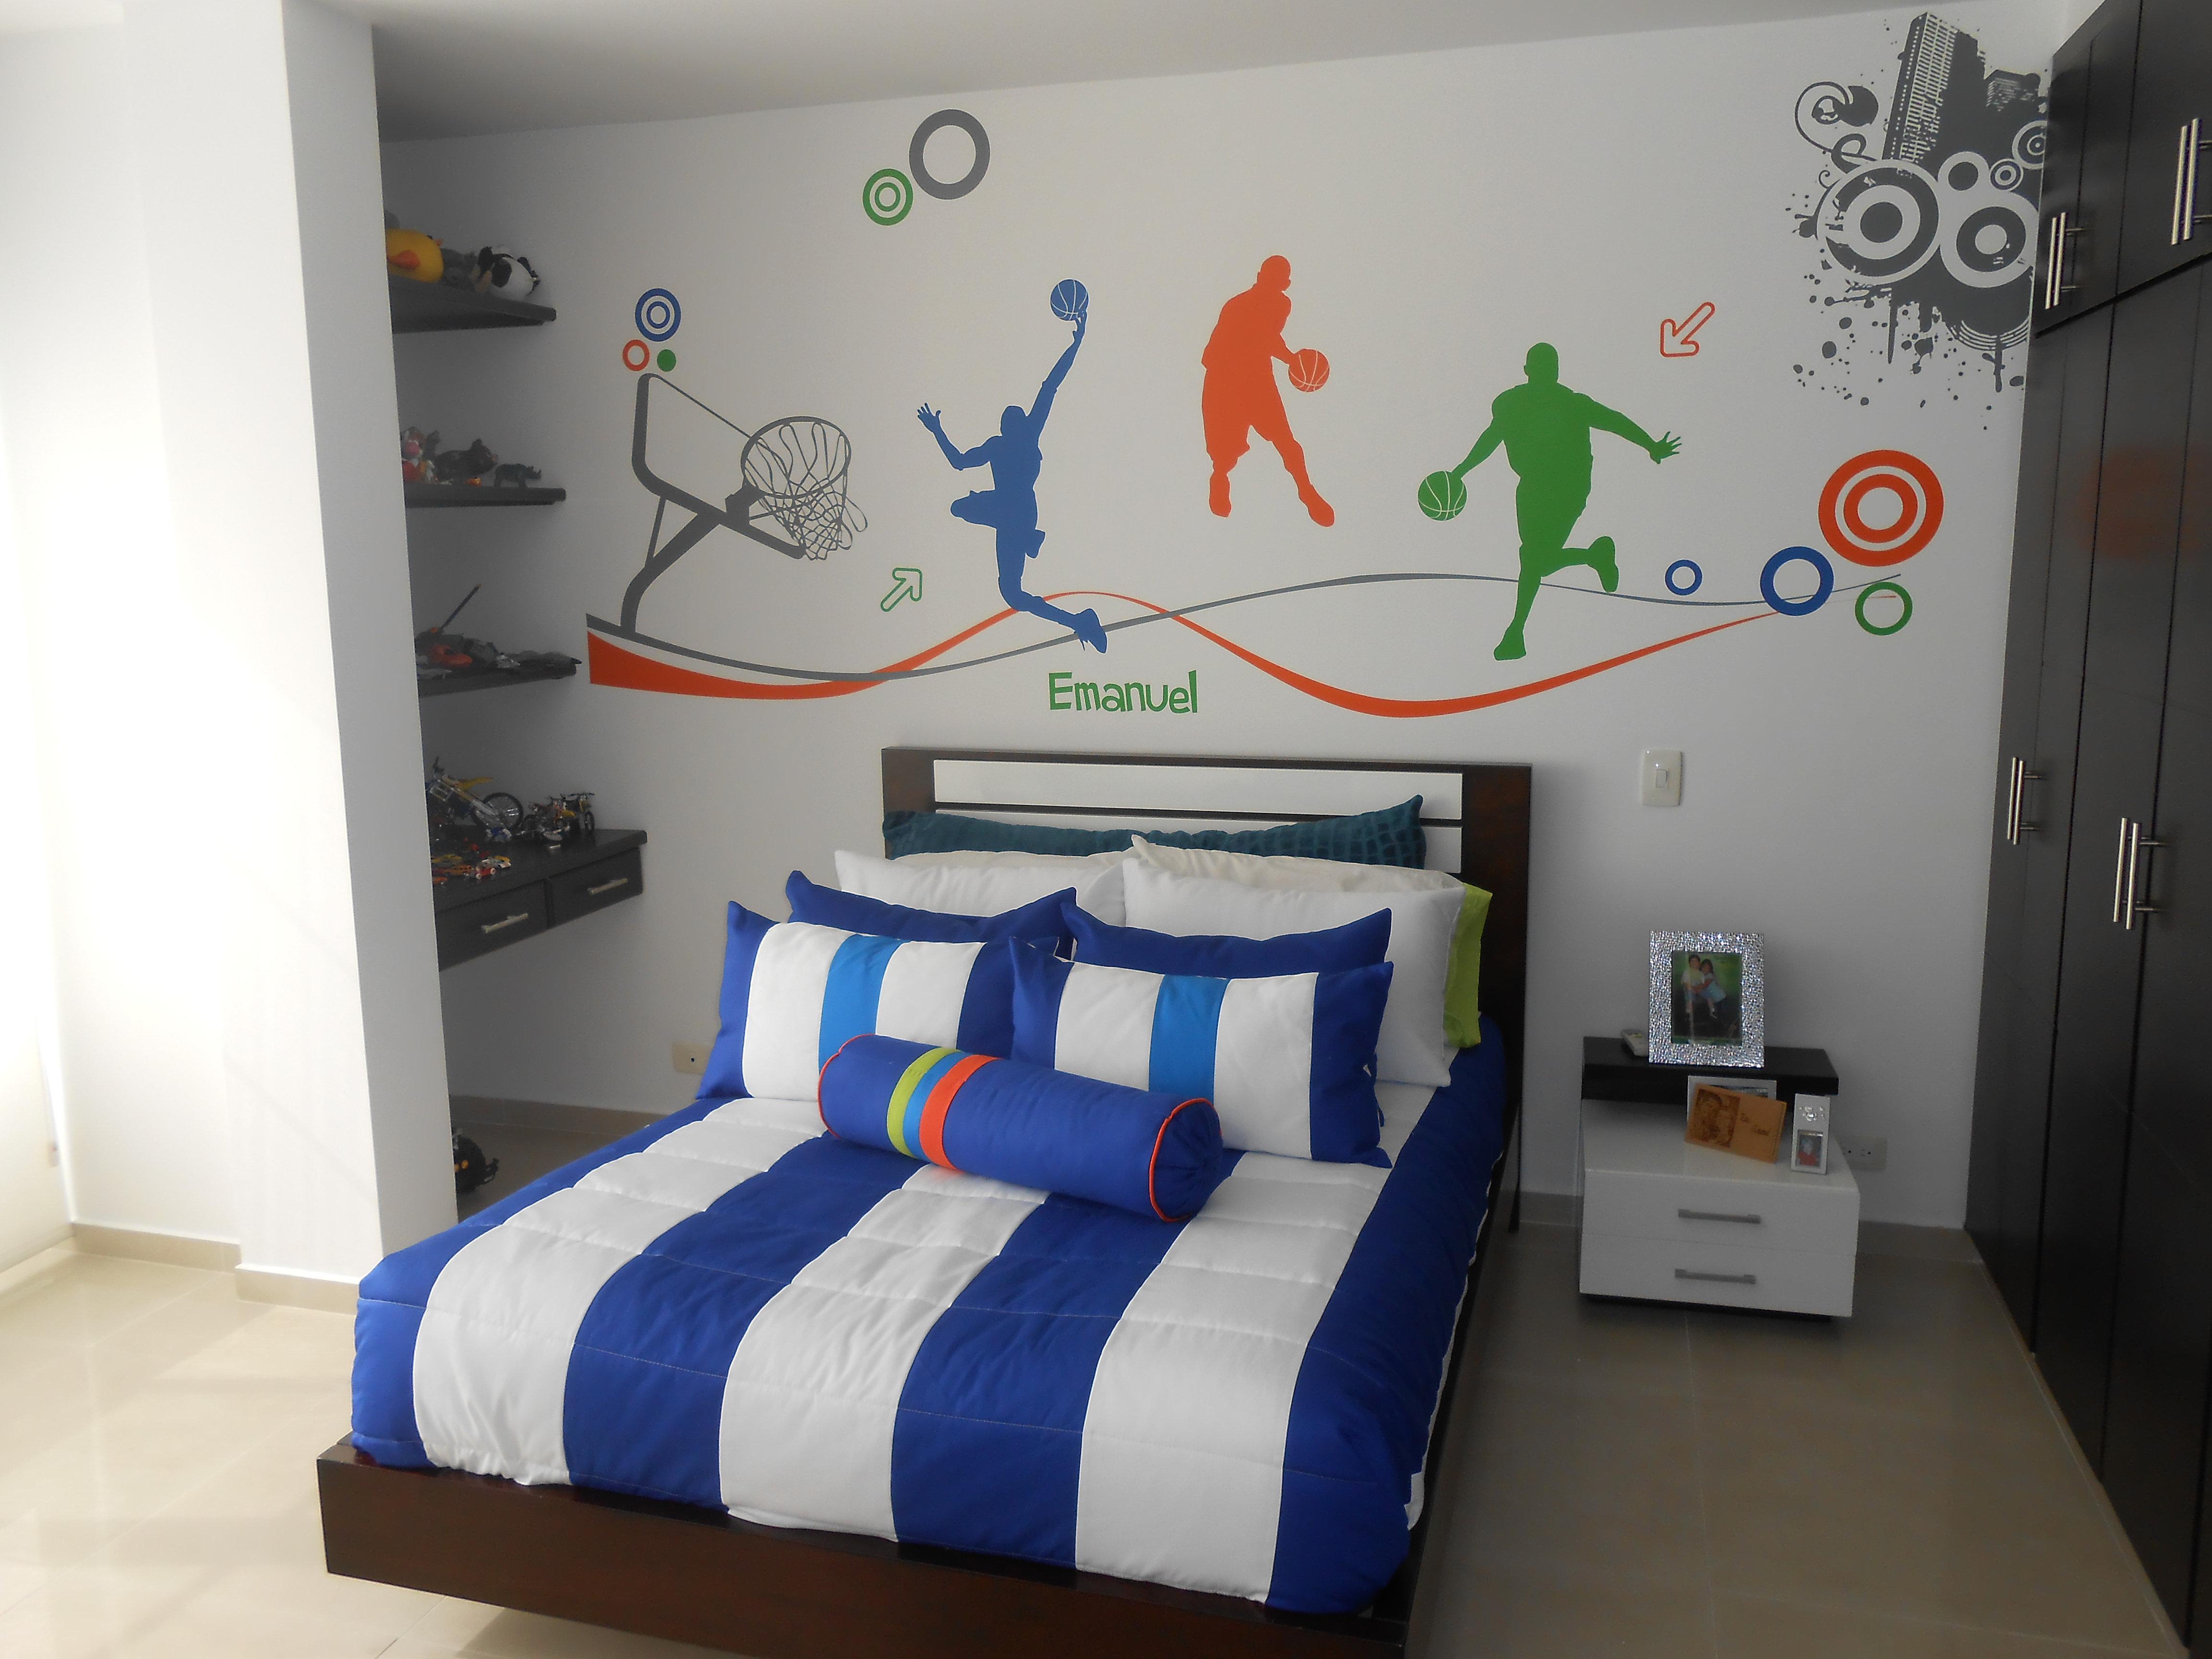 Kasanova espacios con estilo dise o y decoracion for Pegatinas habitacion nino